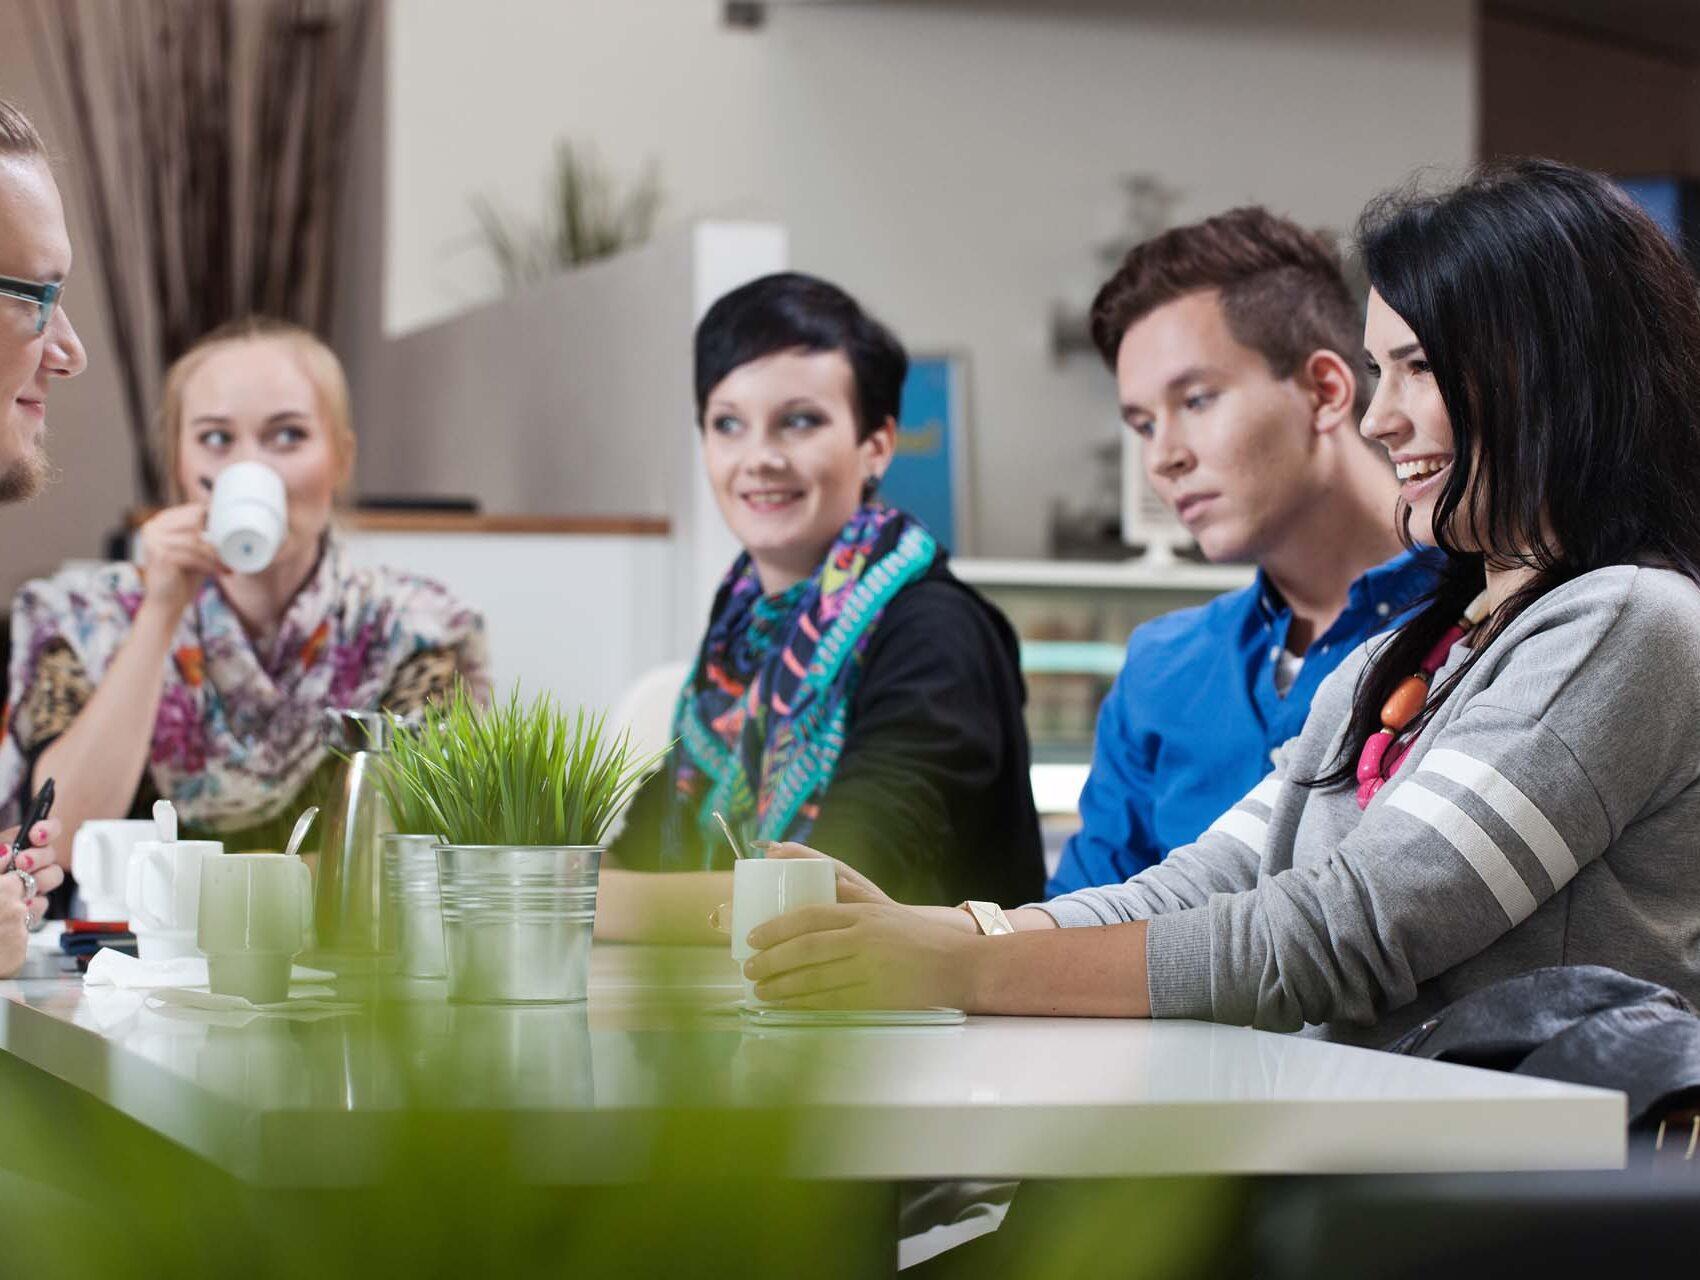 Henkilöitä istuu pöydän ääressä.